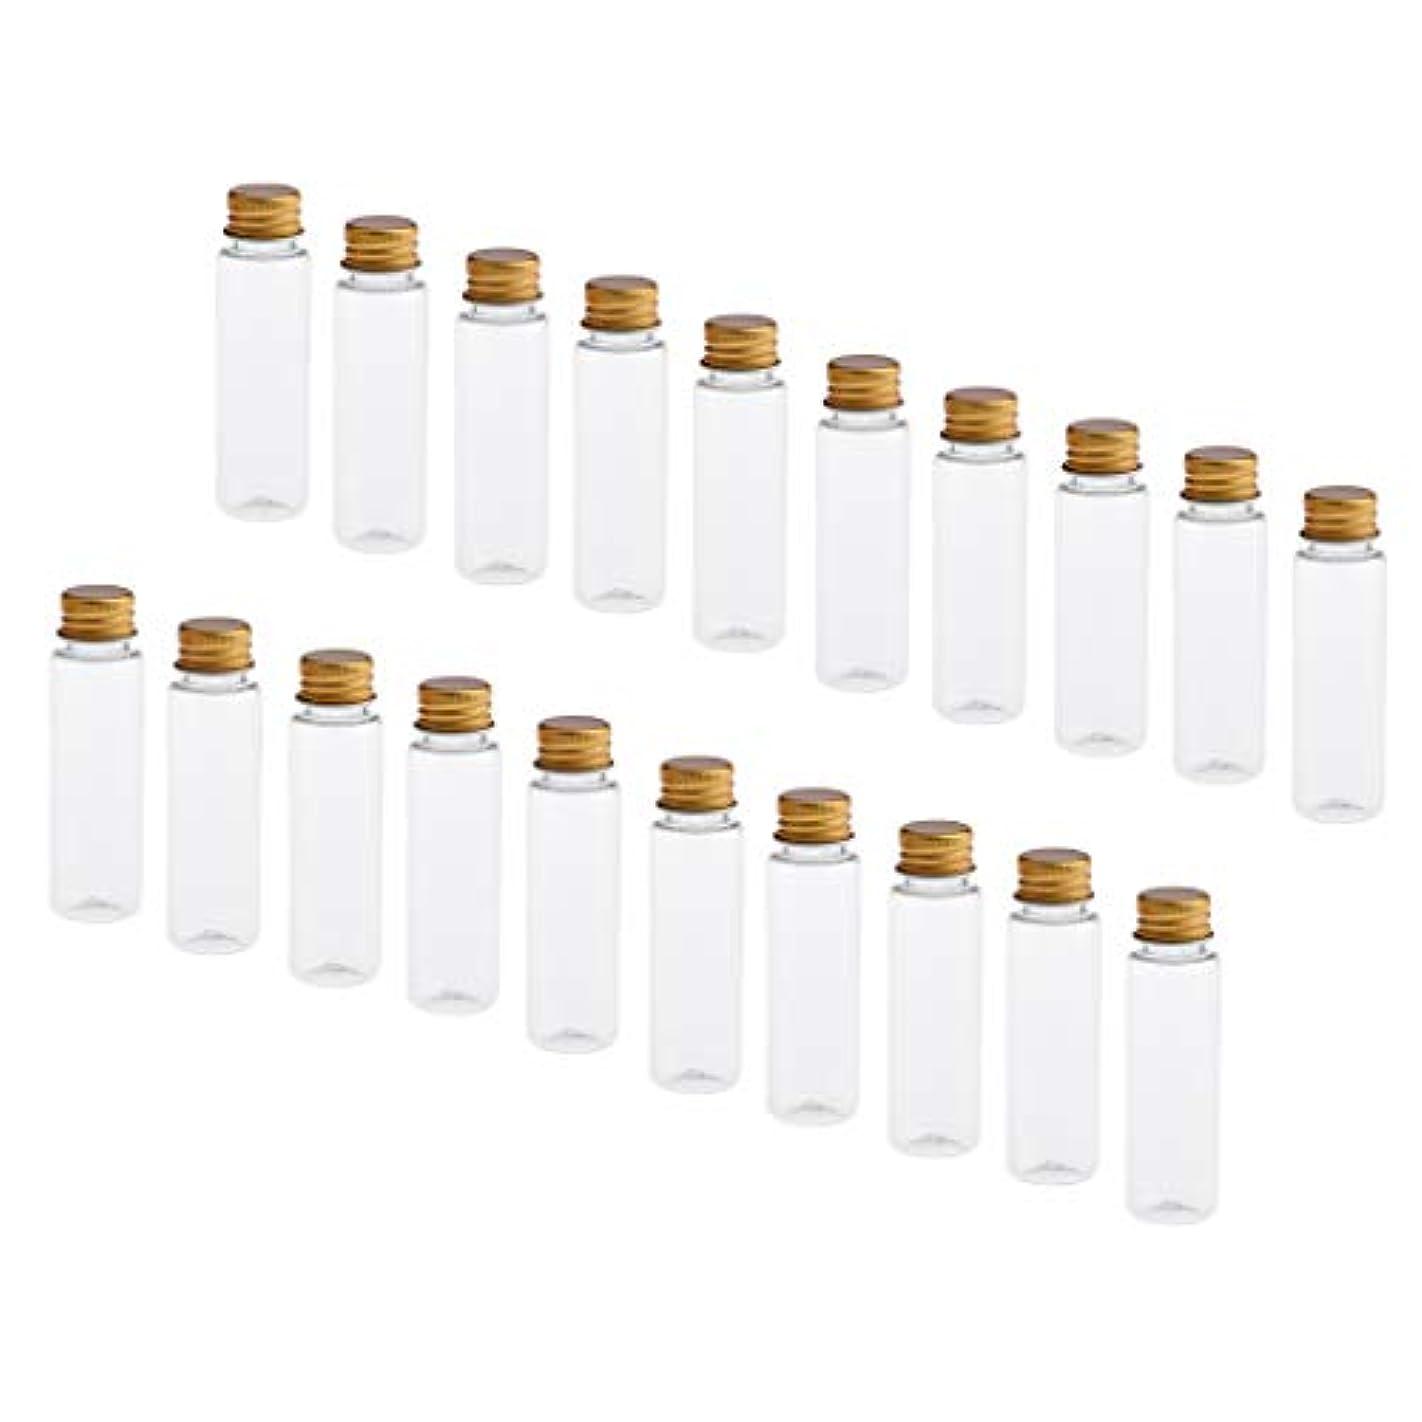 エッセイ受粉者故意のPerfeclan 約20本 化粧ボトル 空ボトル メイクアップボトル 詰替え容器 小分け容器 精油瓶 空瓶 全4色 - クリアゴールドキャップ